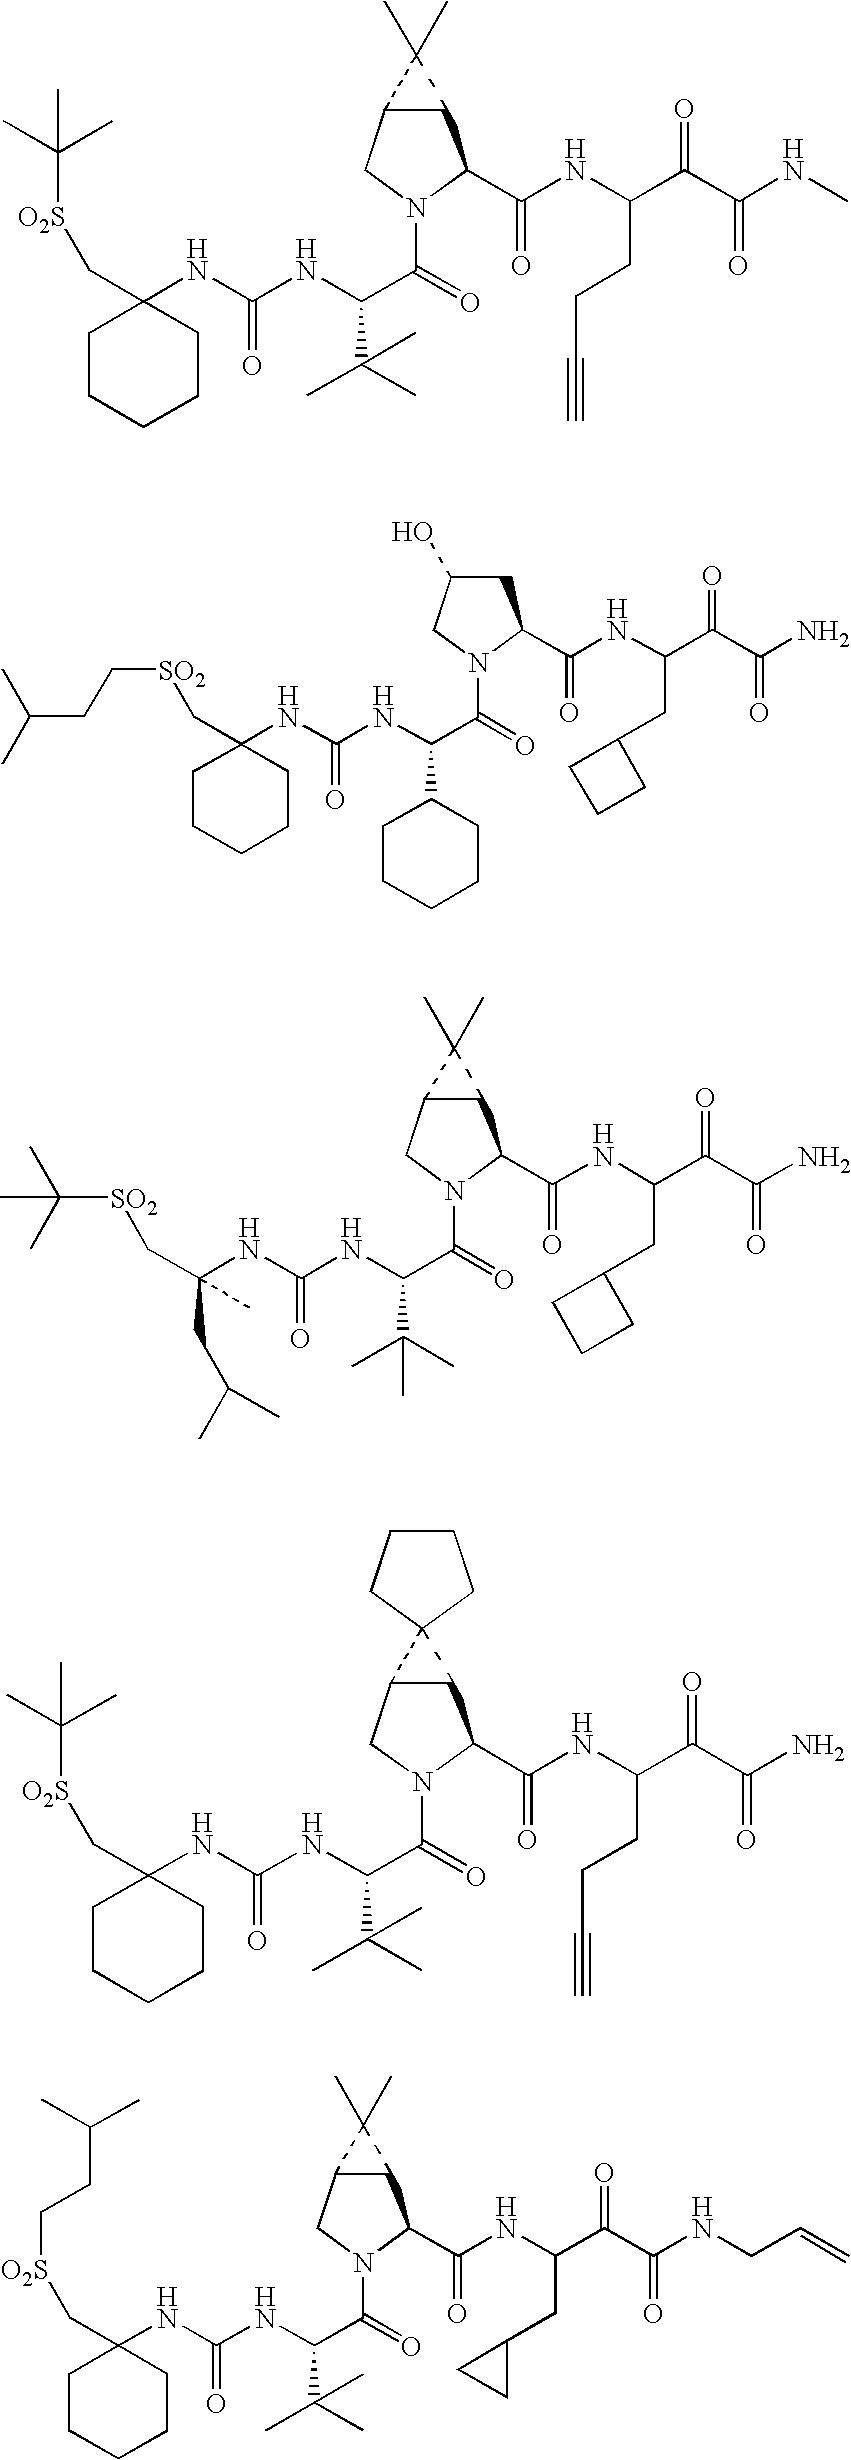 Figure US20060287248A1-20061221-C00459